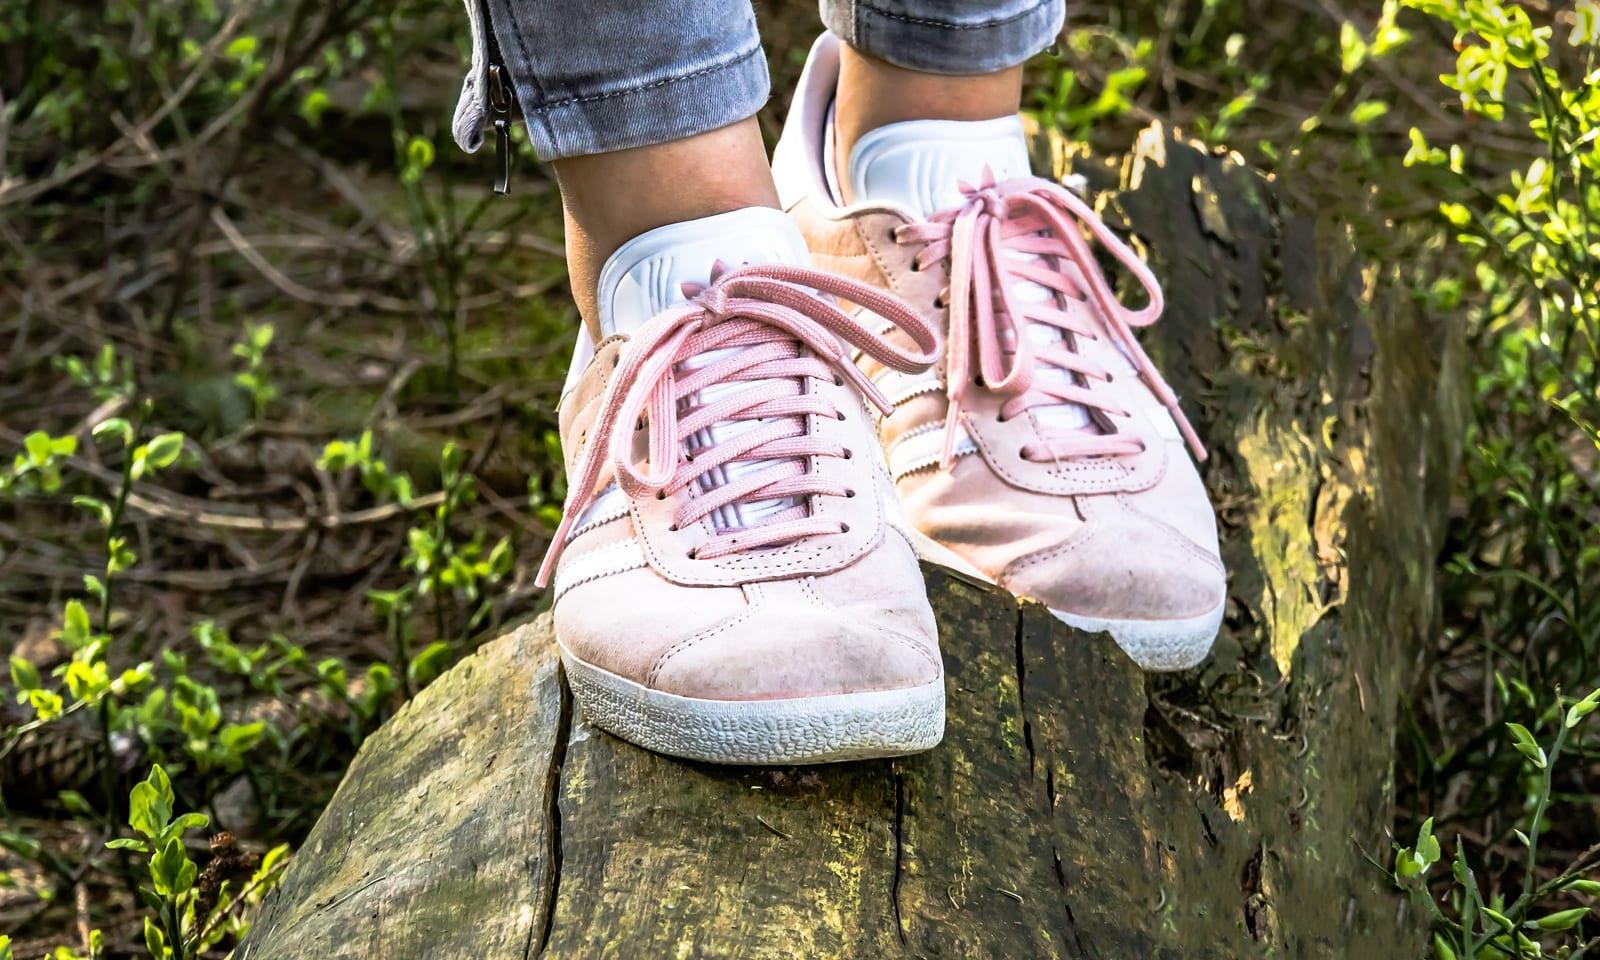 walking-shoes-image-1